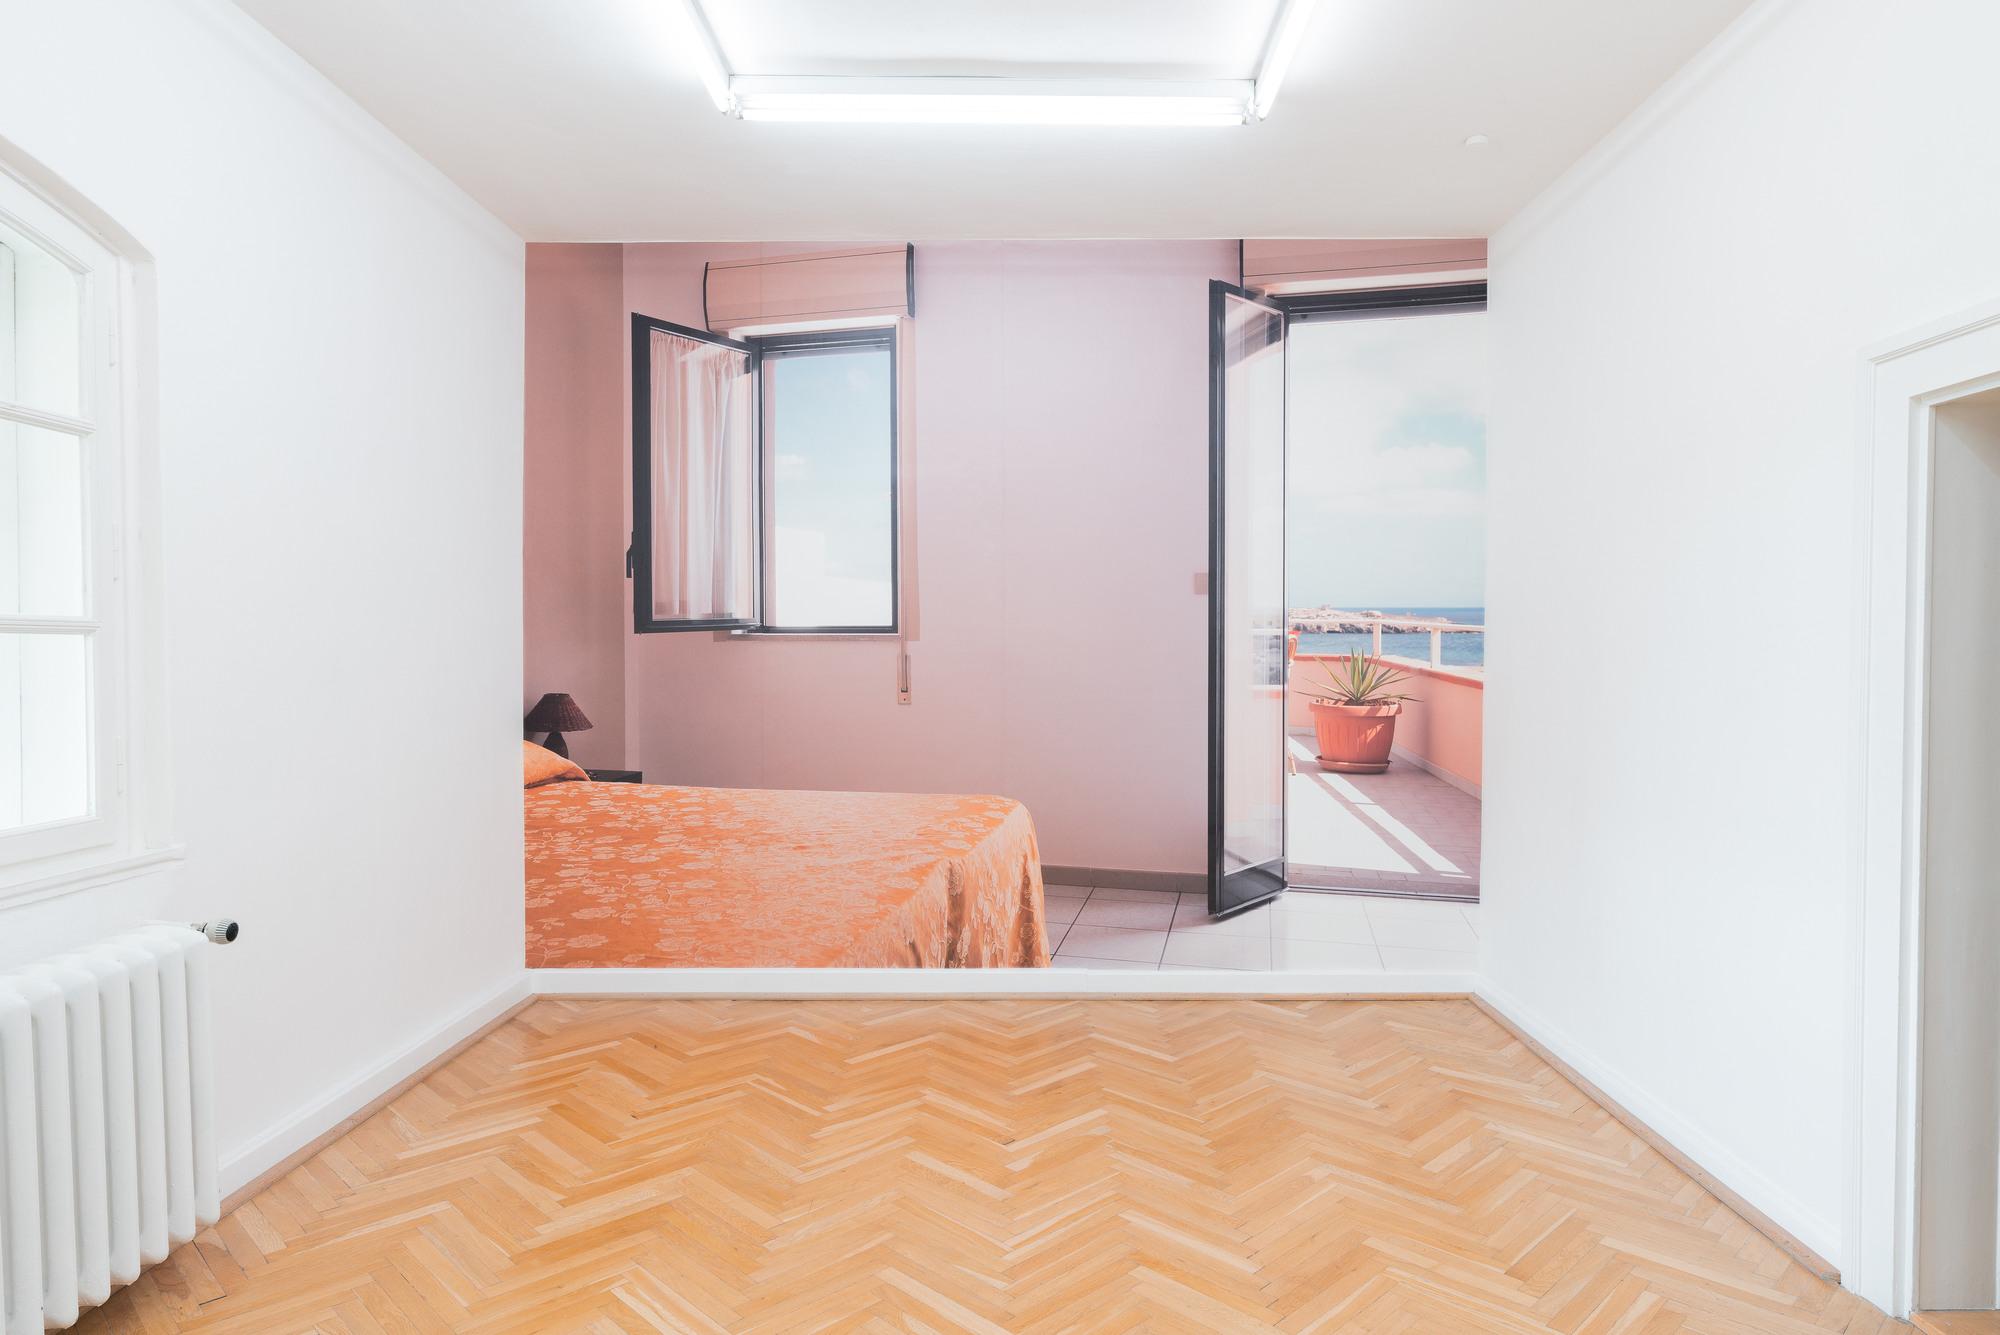 Open House at Kunstverein Braunschweig_Johne 1